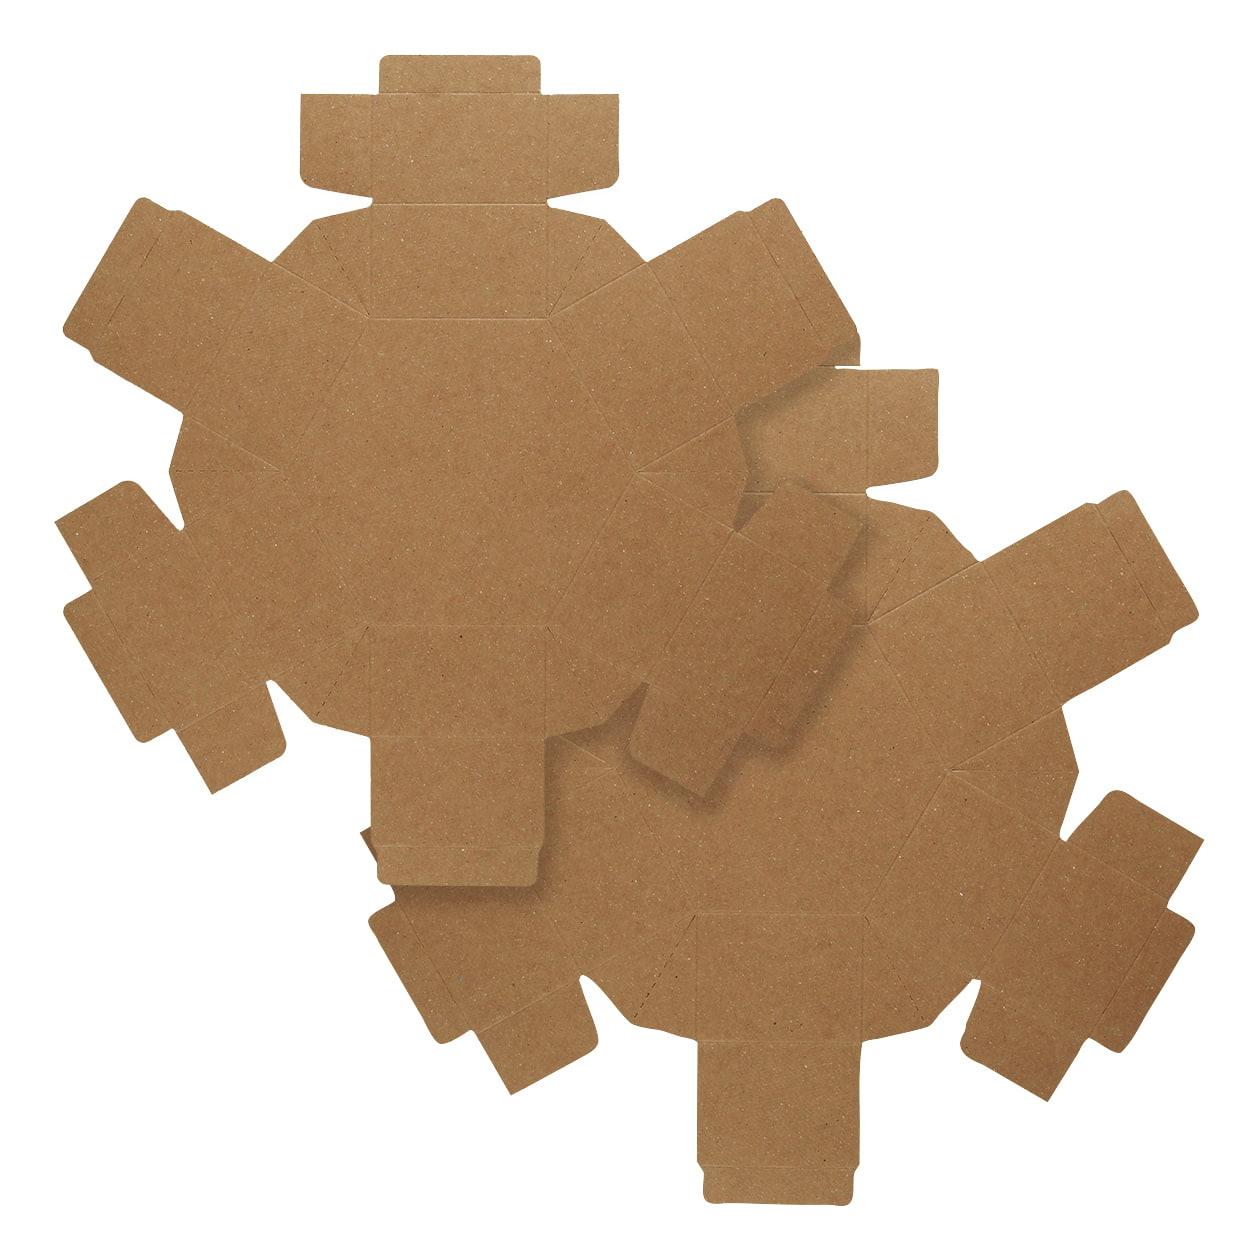 組箱 六角形97×84×38 ボード紙 ブラウン 270g